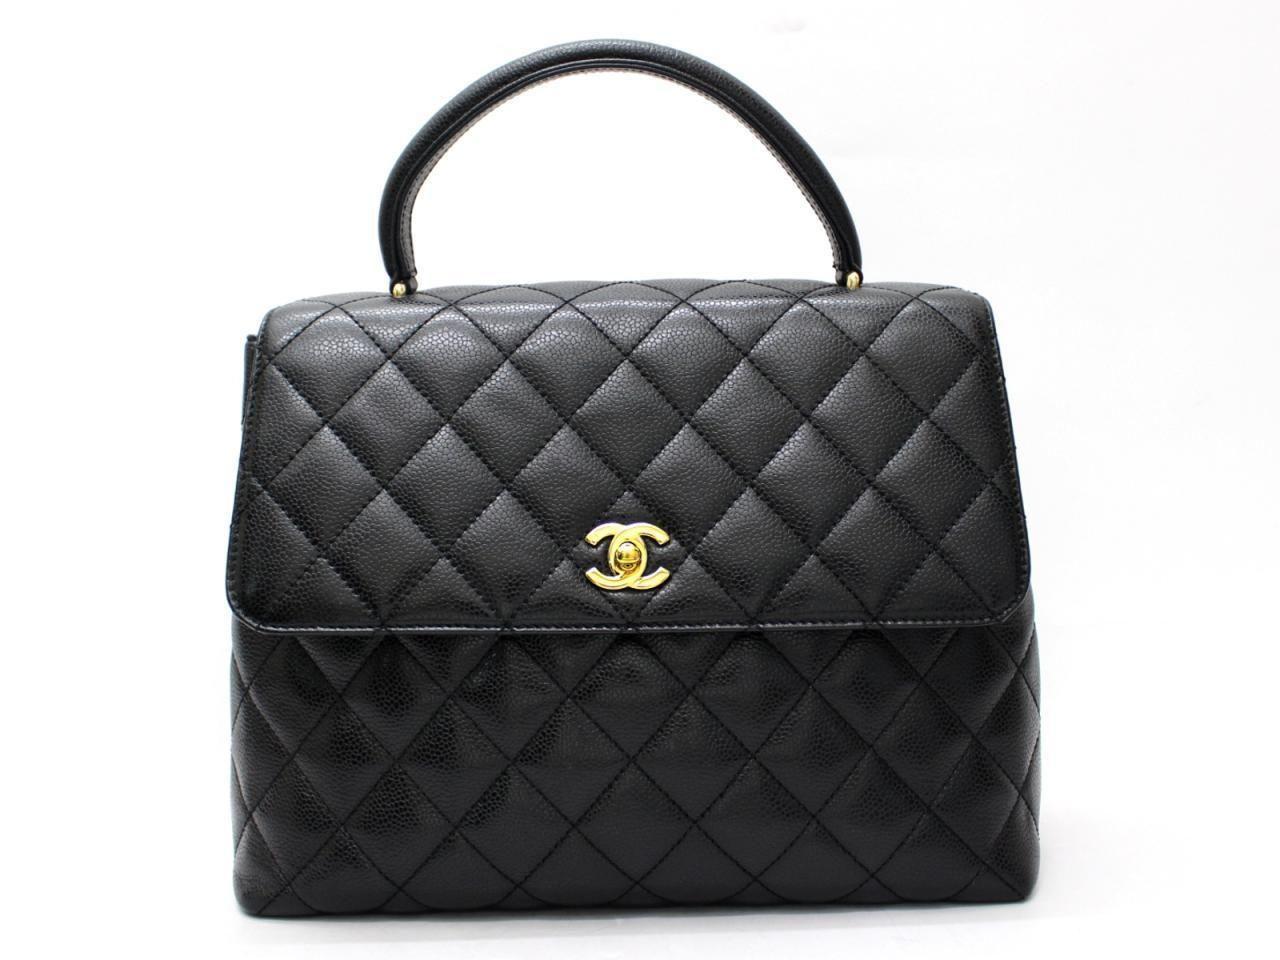 Chanel Pre-owned - Girl leather handbag o2xgX